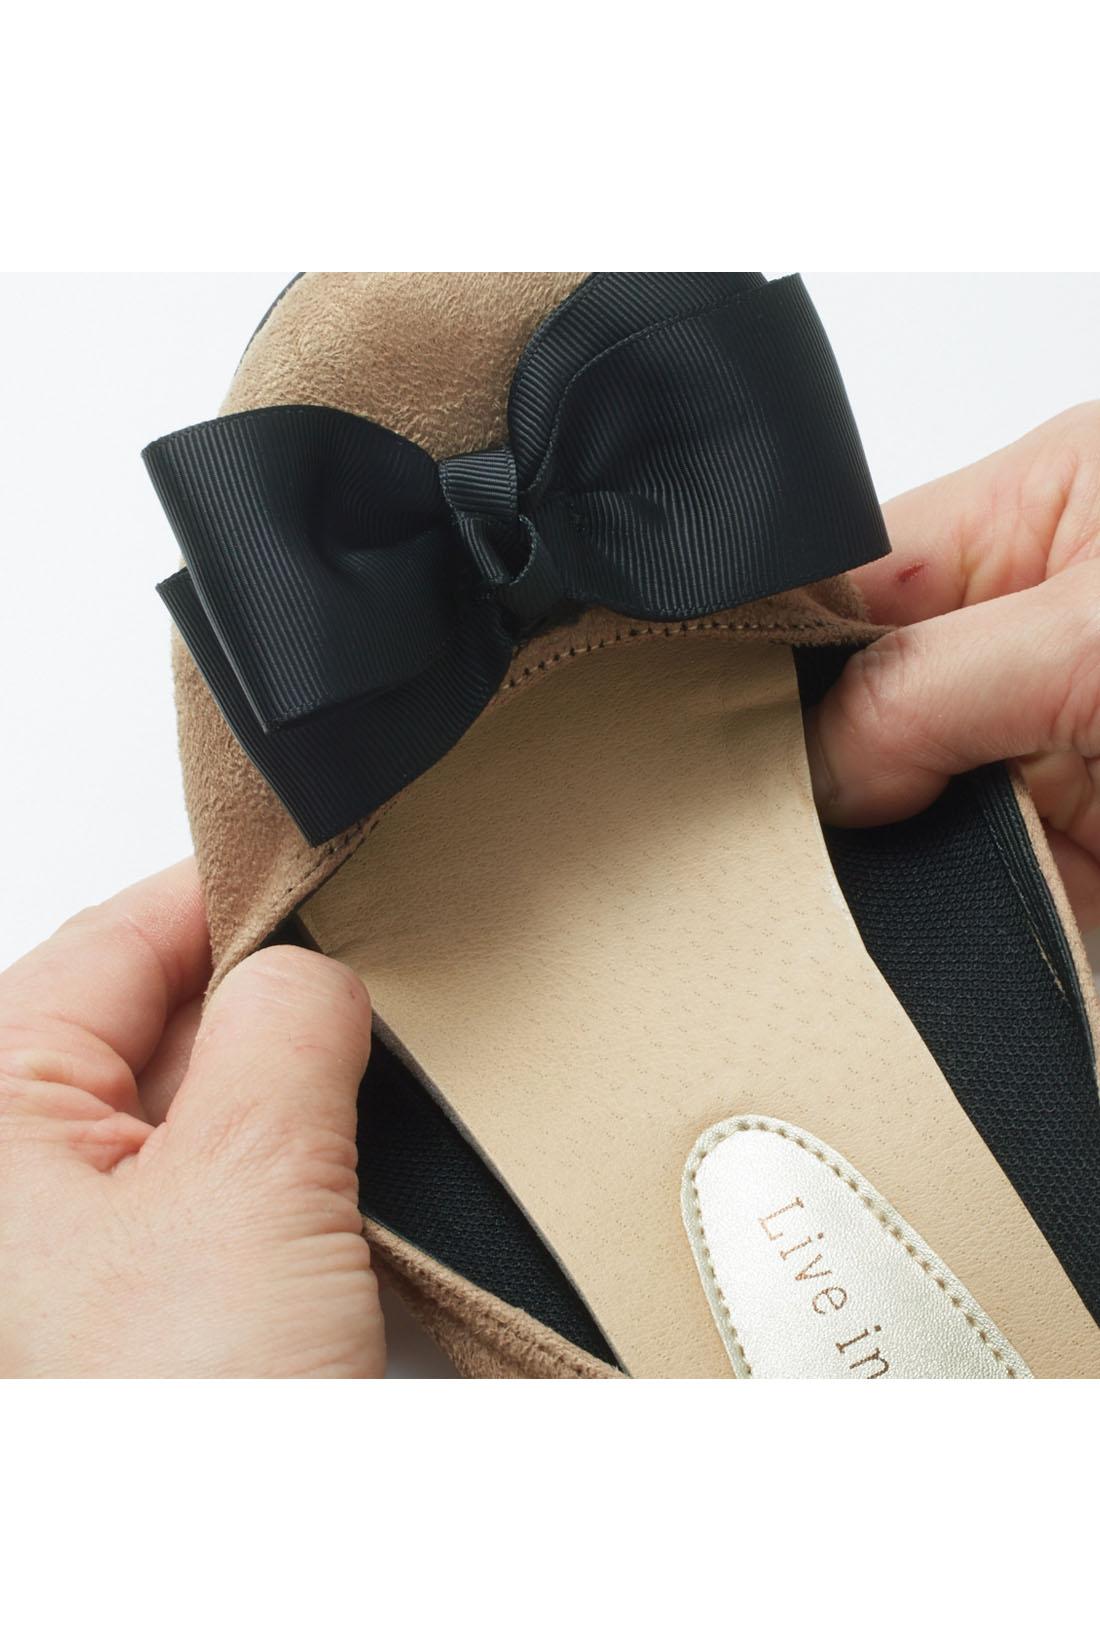 ストレッチ素材で作ったパンプスの履き口にゴムを入れました。 ※お届けするカラーとは異なります。